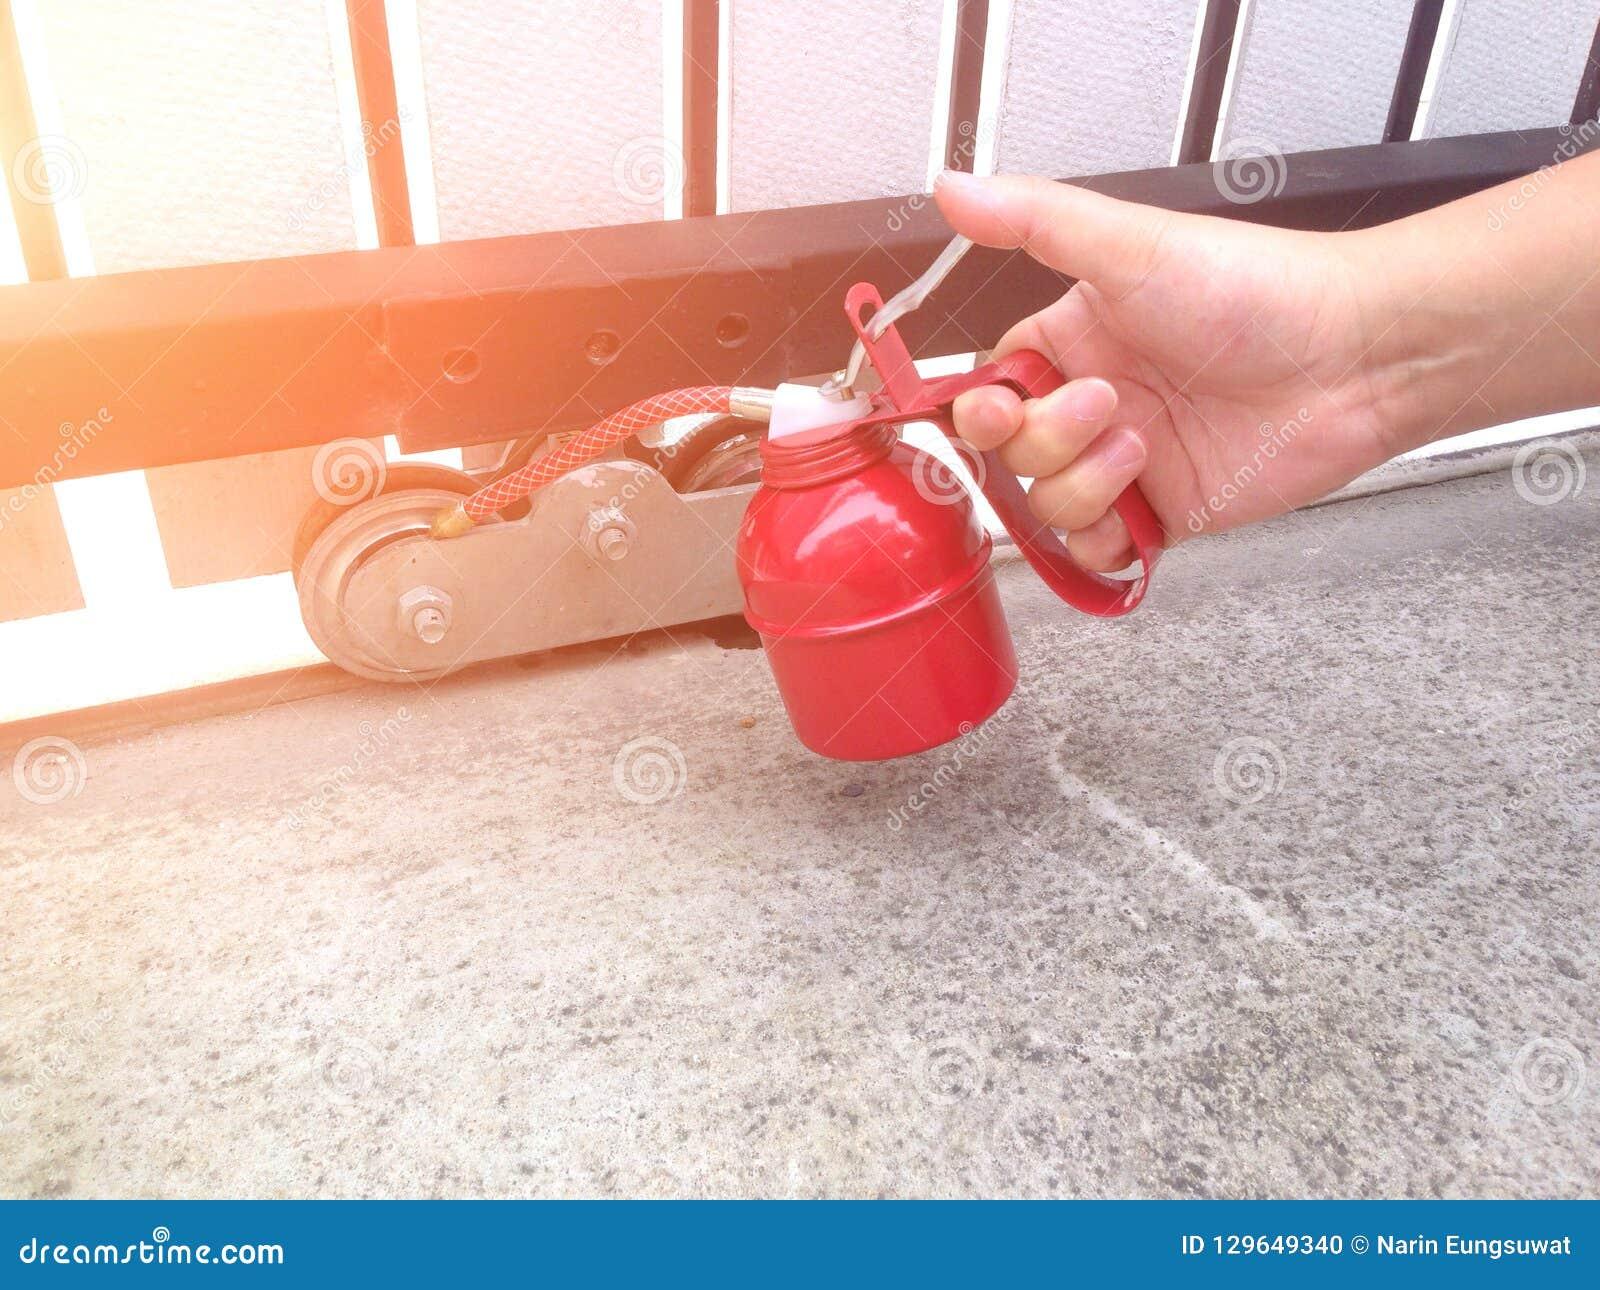 Utilisez le graisseur pour lubrifier les roues de porte